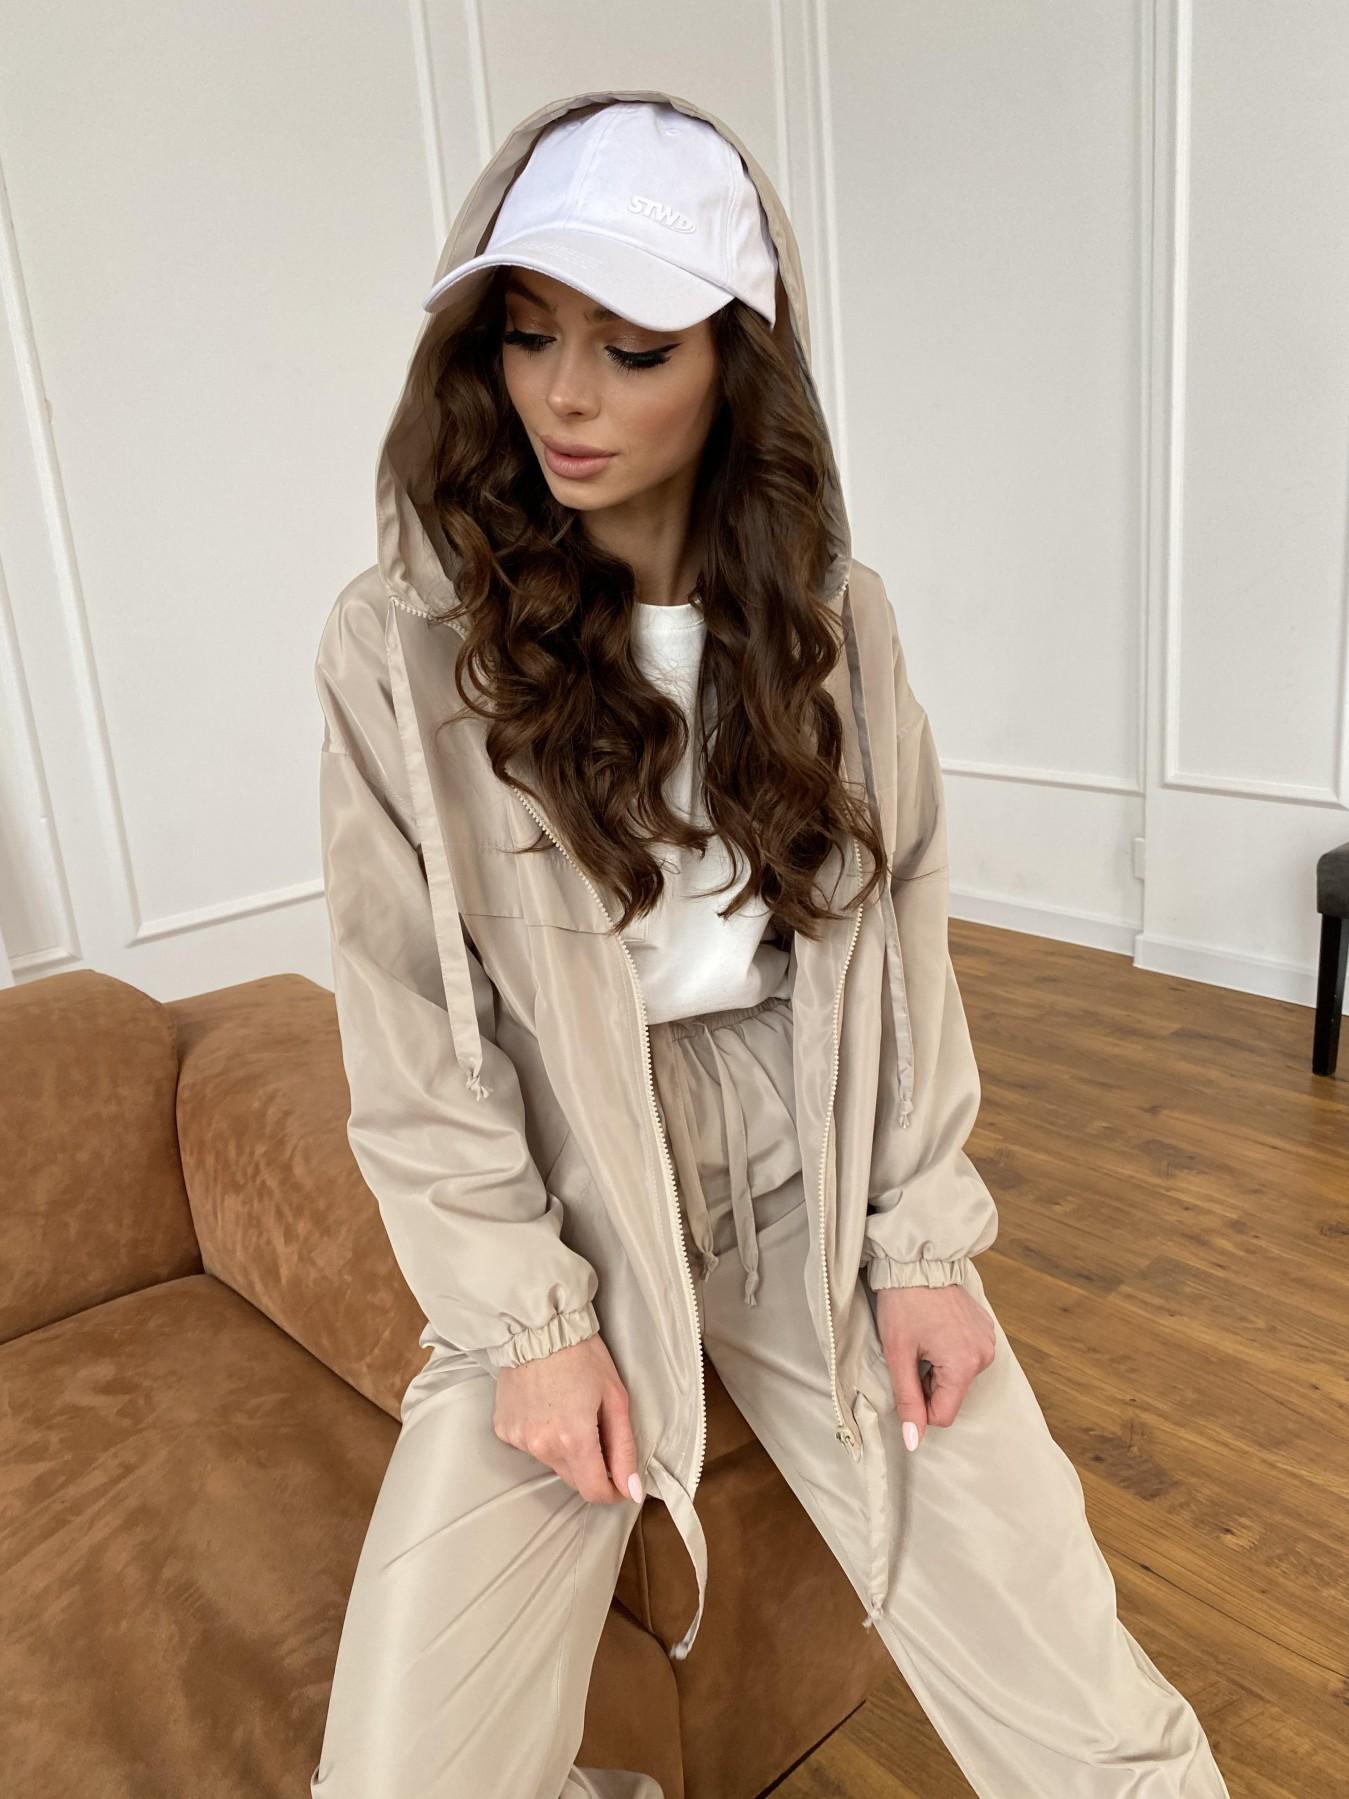 Фит костюм из плащевой ткани 11005 АРТ. 47502 Цвет: Бежевый - фото 11, интернет магазин tm-modus.ru